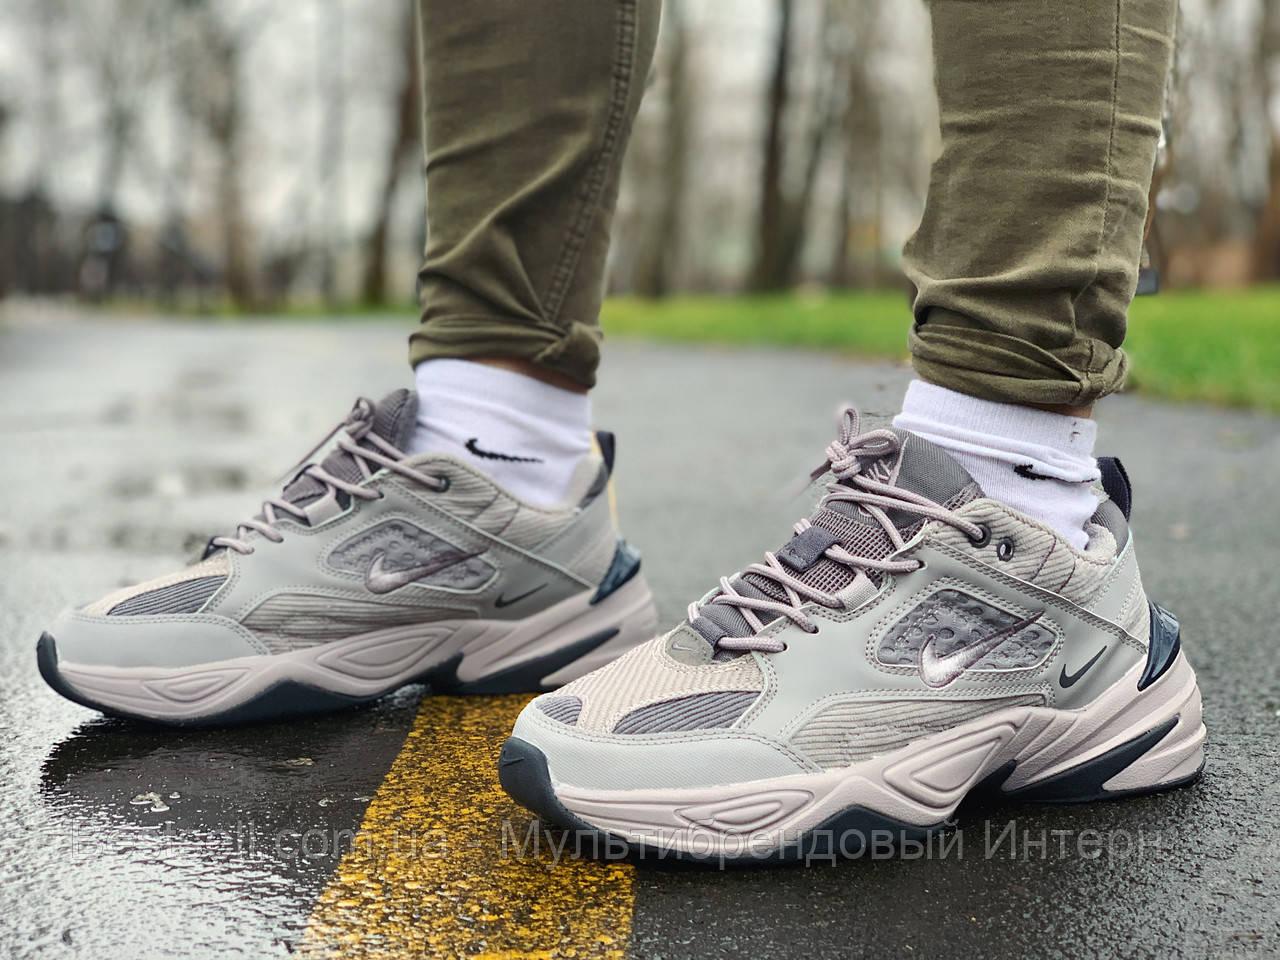 Кроссовки Nike M2K Tekno Найк М2К Текно  (45 последний размер)